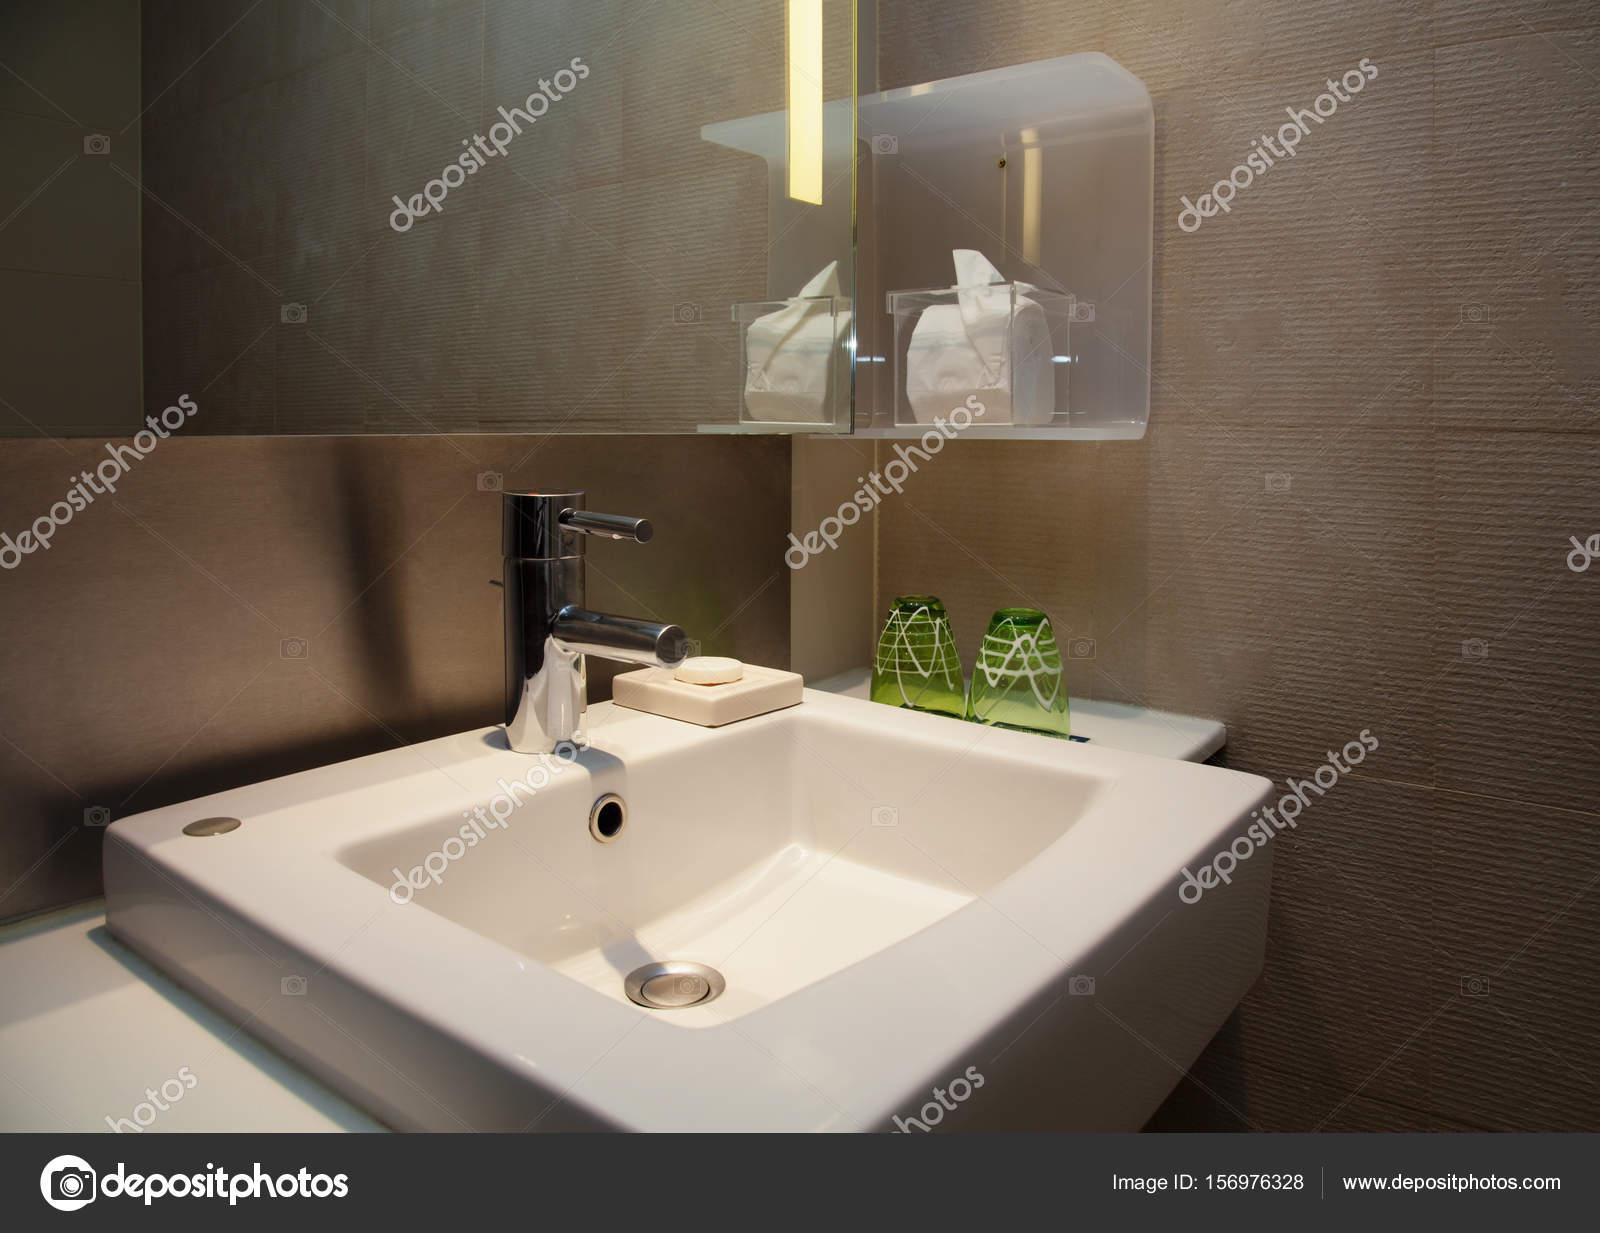 Waterkraan en keramisch wit wastafel in een moderne wc met bruine